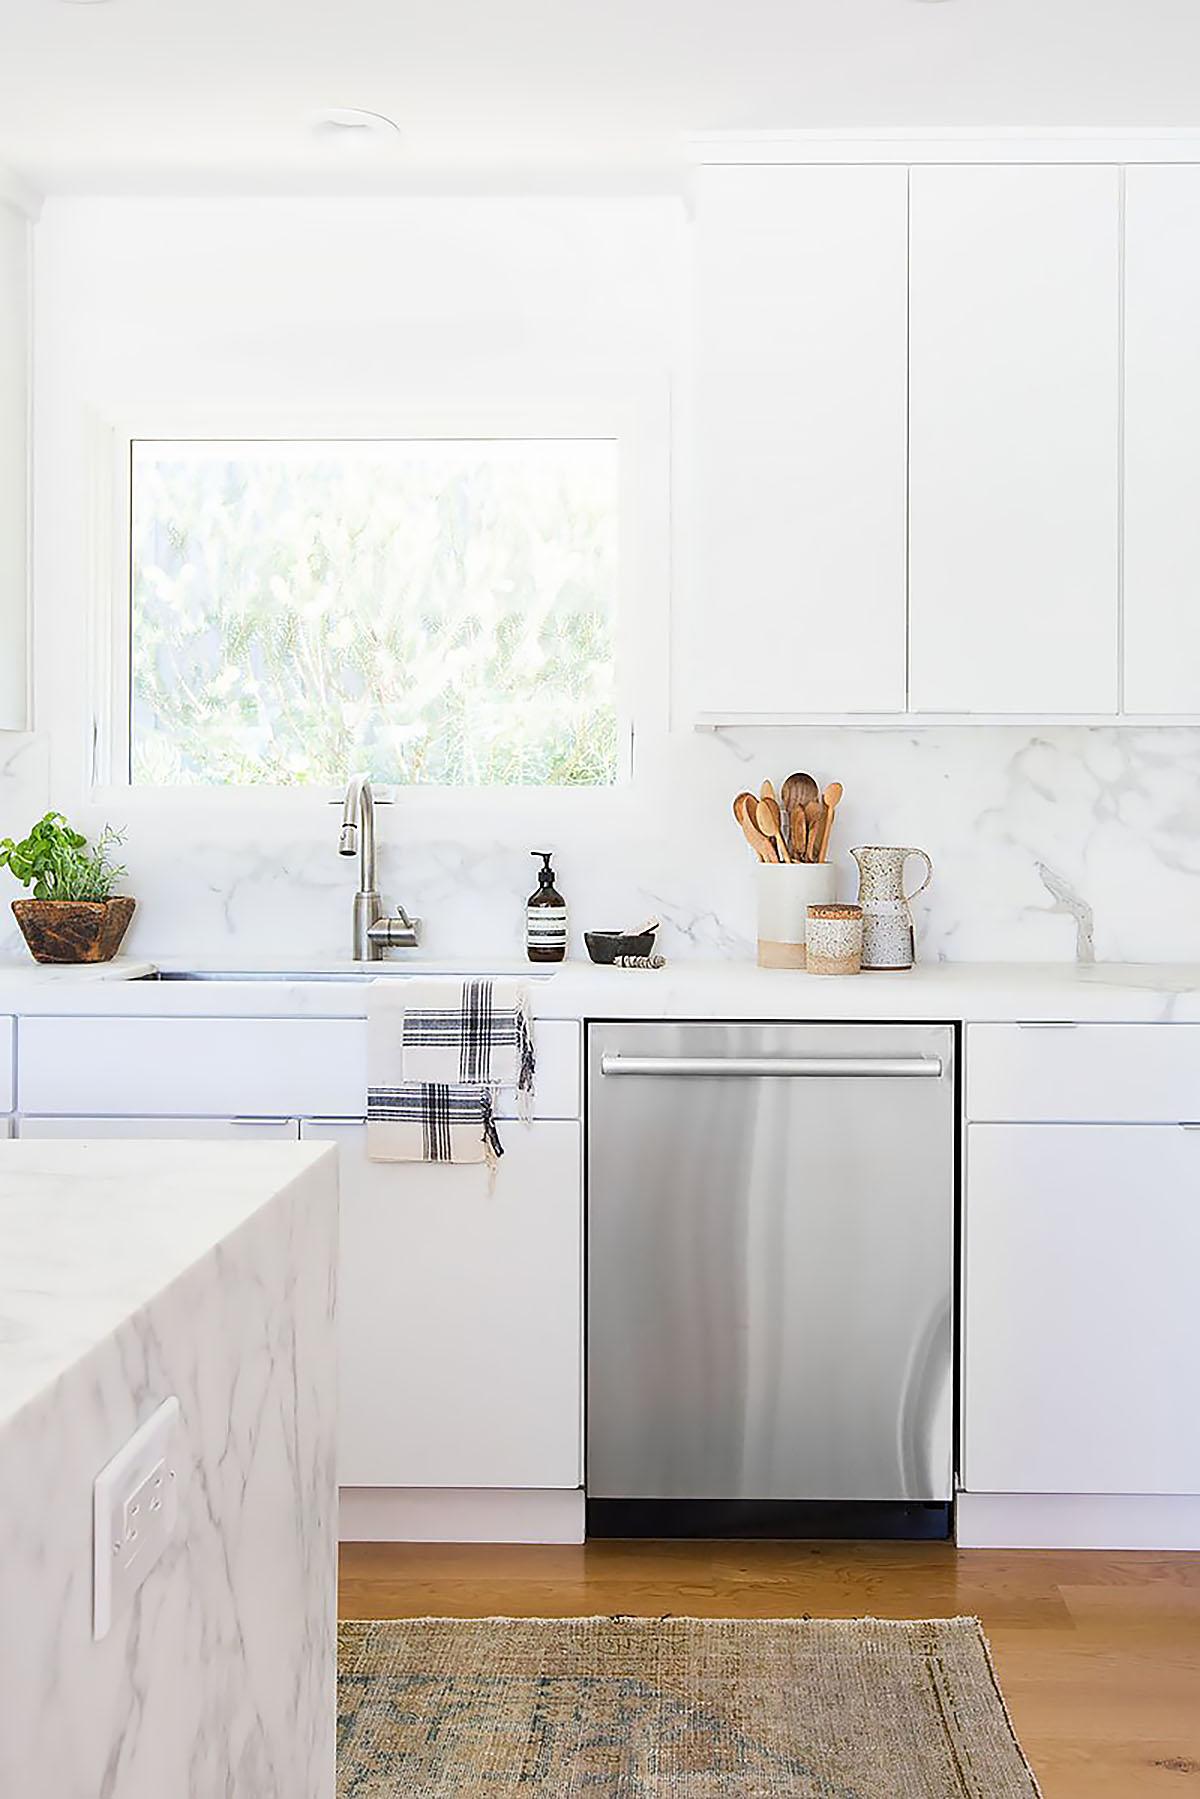 10 ý tưởng tủ bếp hiện đại 7 - 10 Ý TƯỞNG TỦ BẾP HIỆN ĐẠI LÀM MỚI CĂN BẾP CỦA BẠN